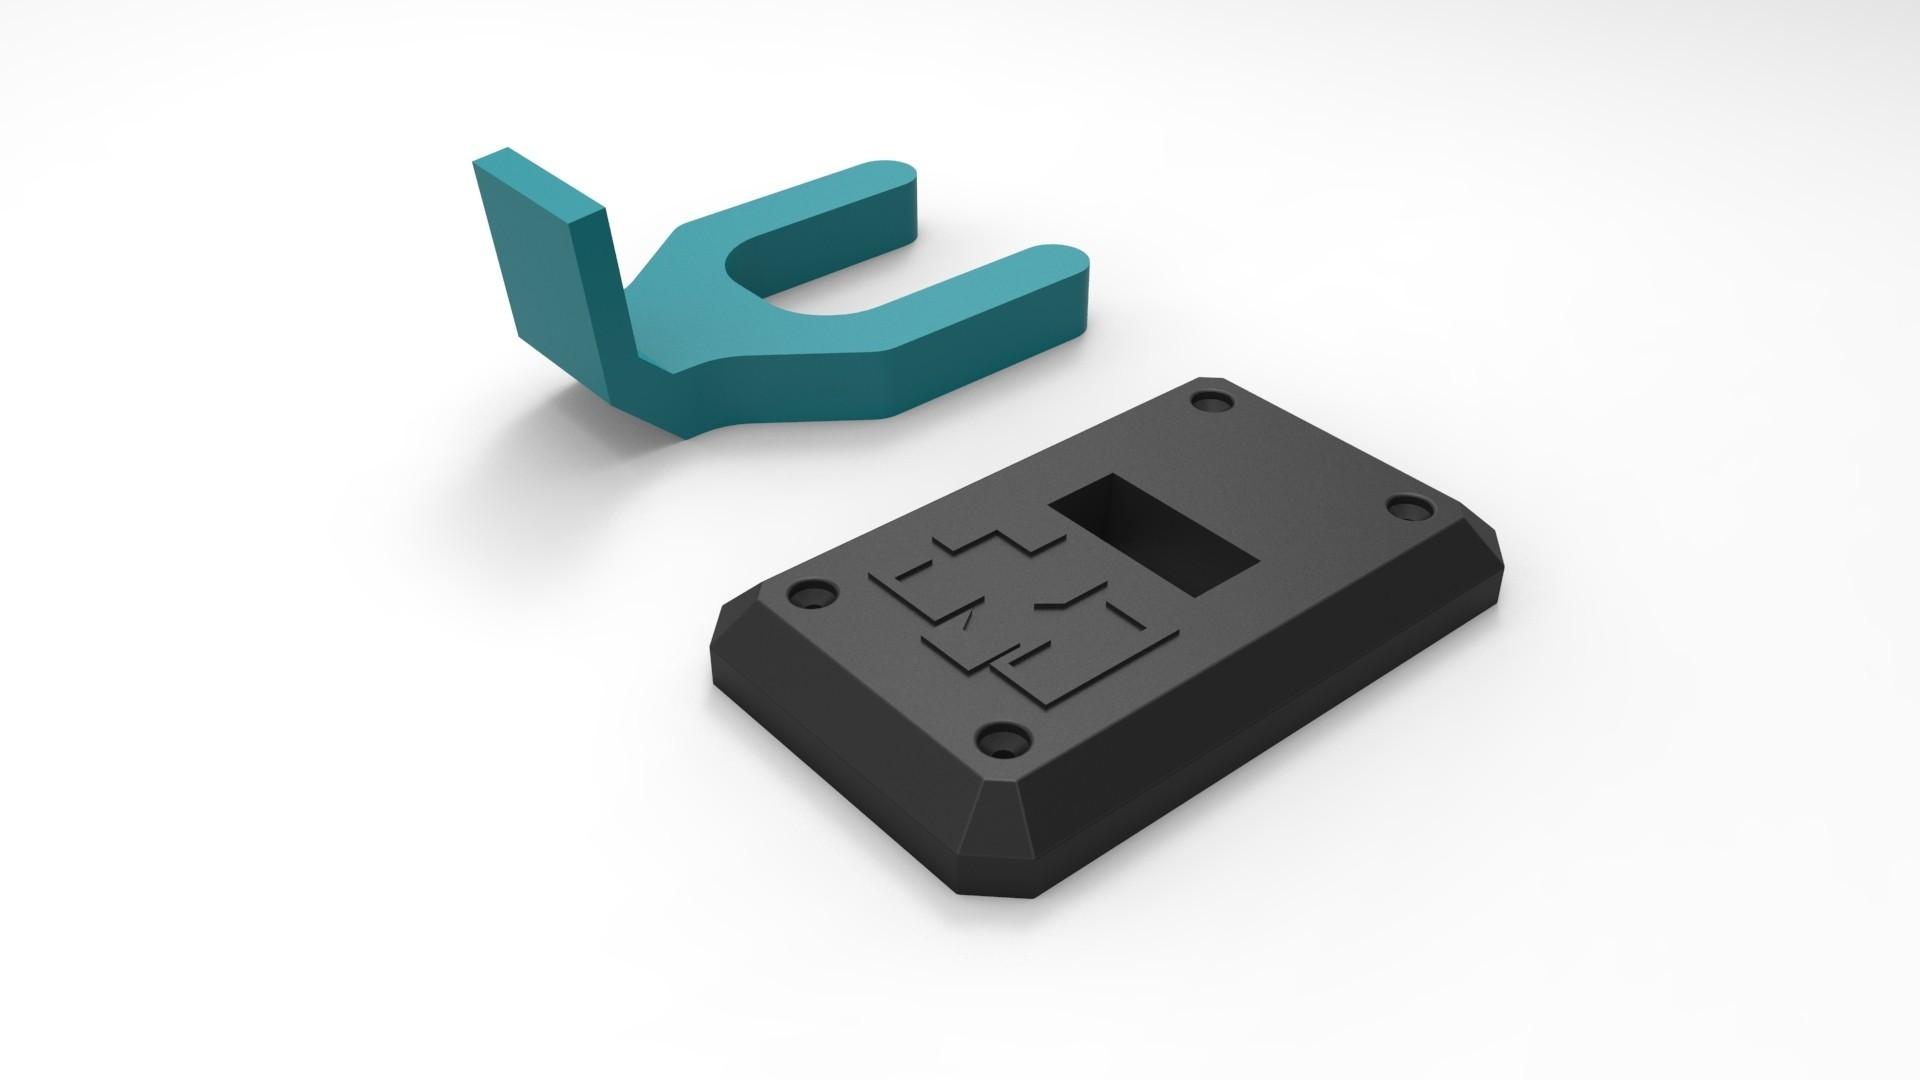 untitled.431.jpg Télécharger fichier STL gratuit support de guitare • Design à imprimer en 3D, marinmau